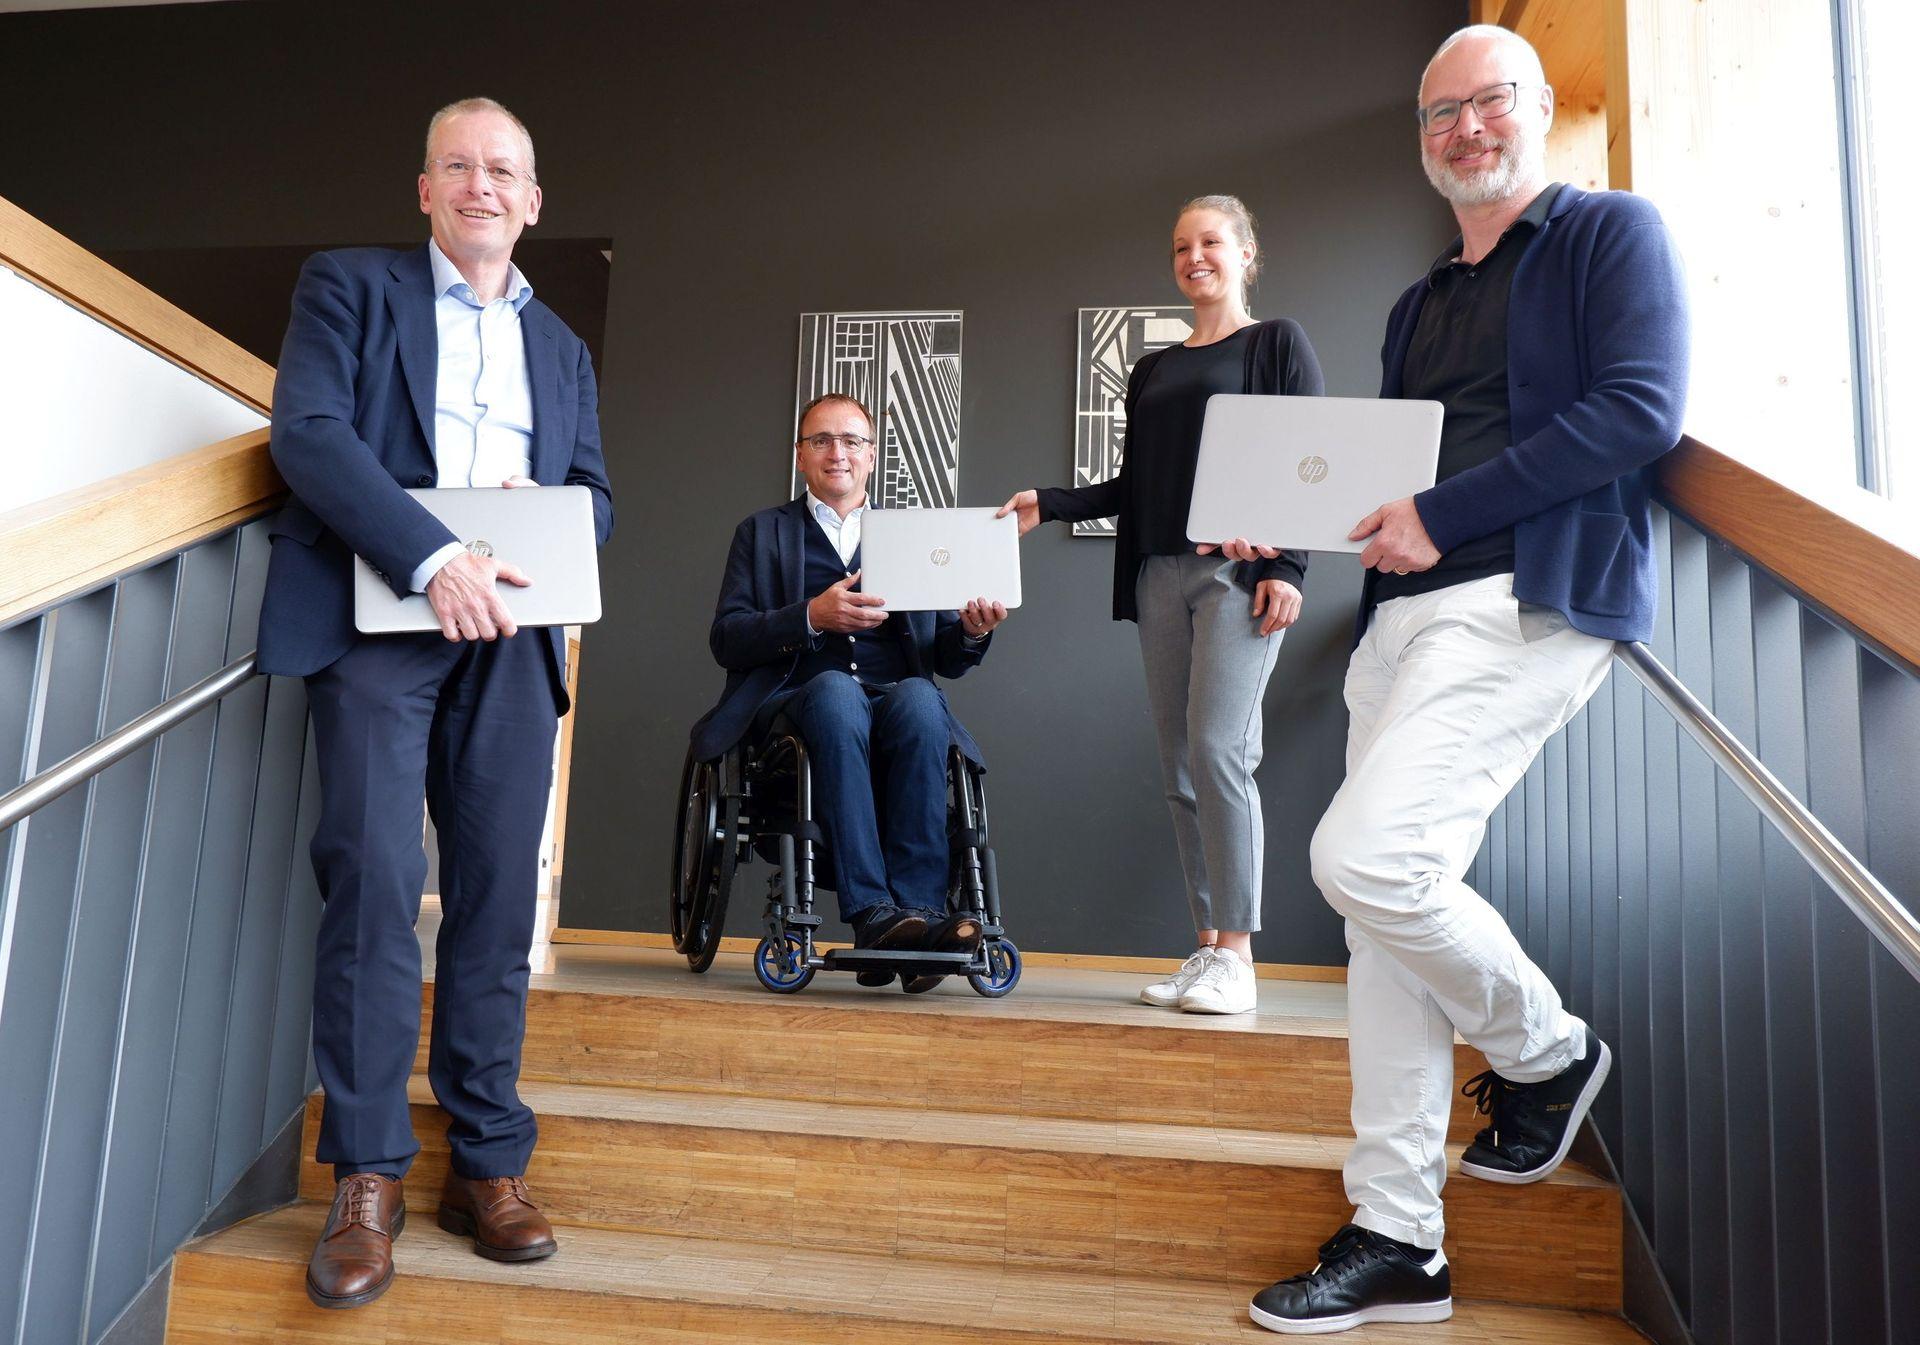 Bürgerstiftung Kreis Ravensburg spendet 60 Laptops an Weingartener Schulen